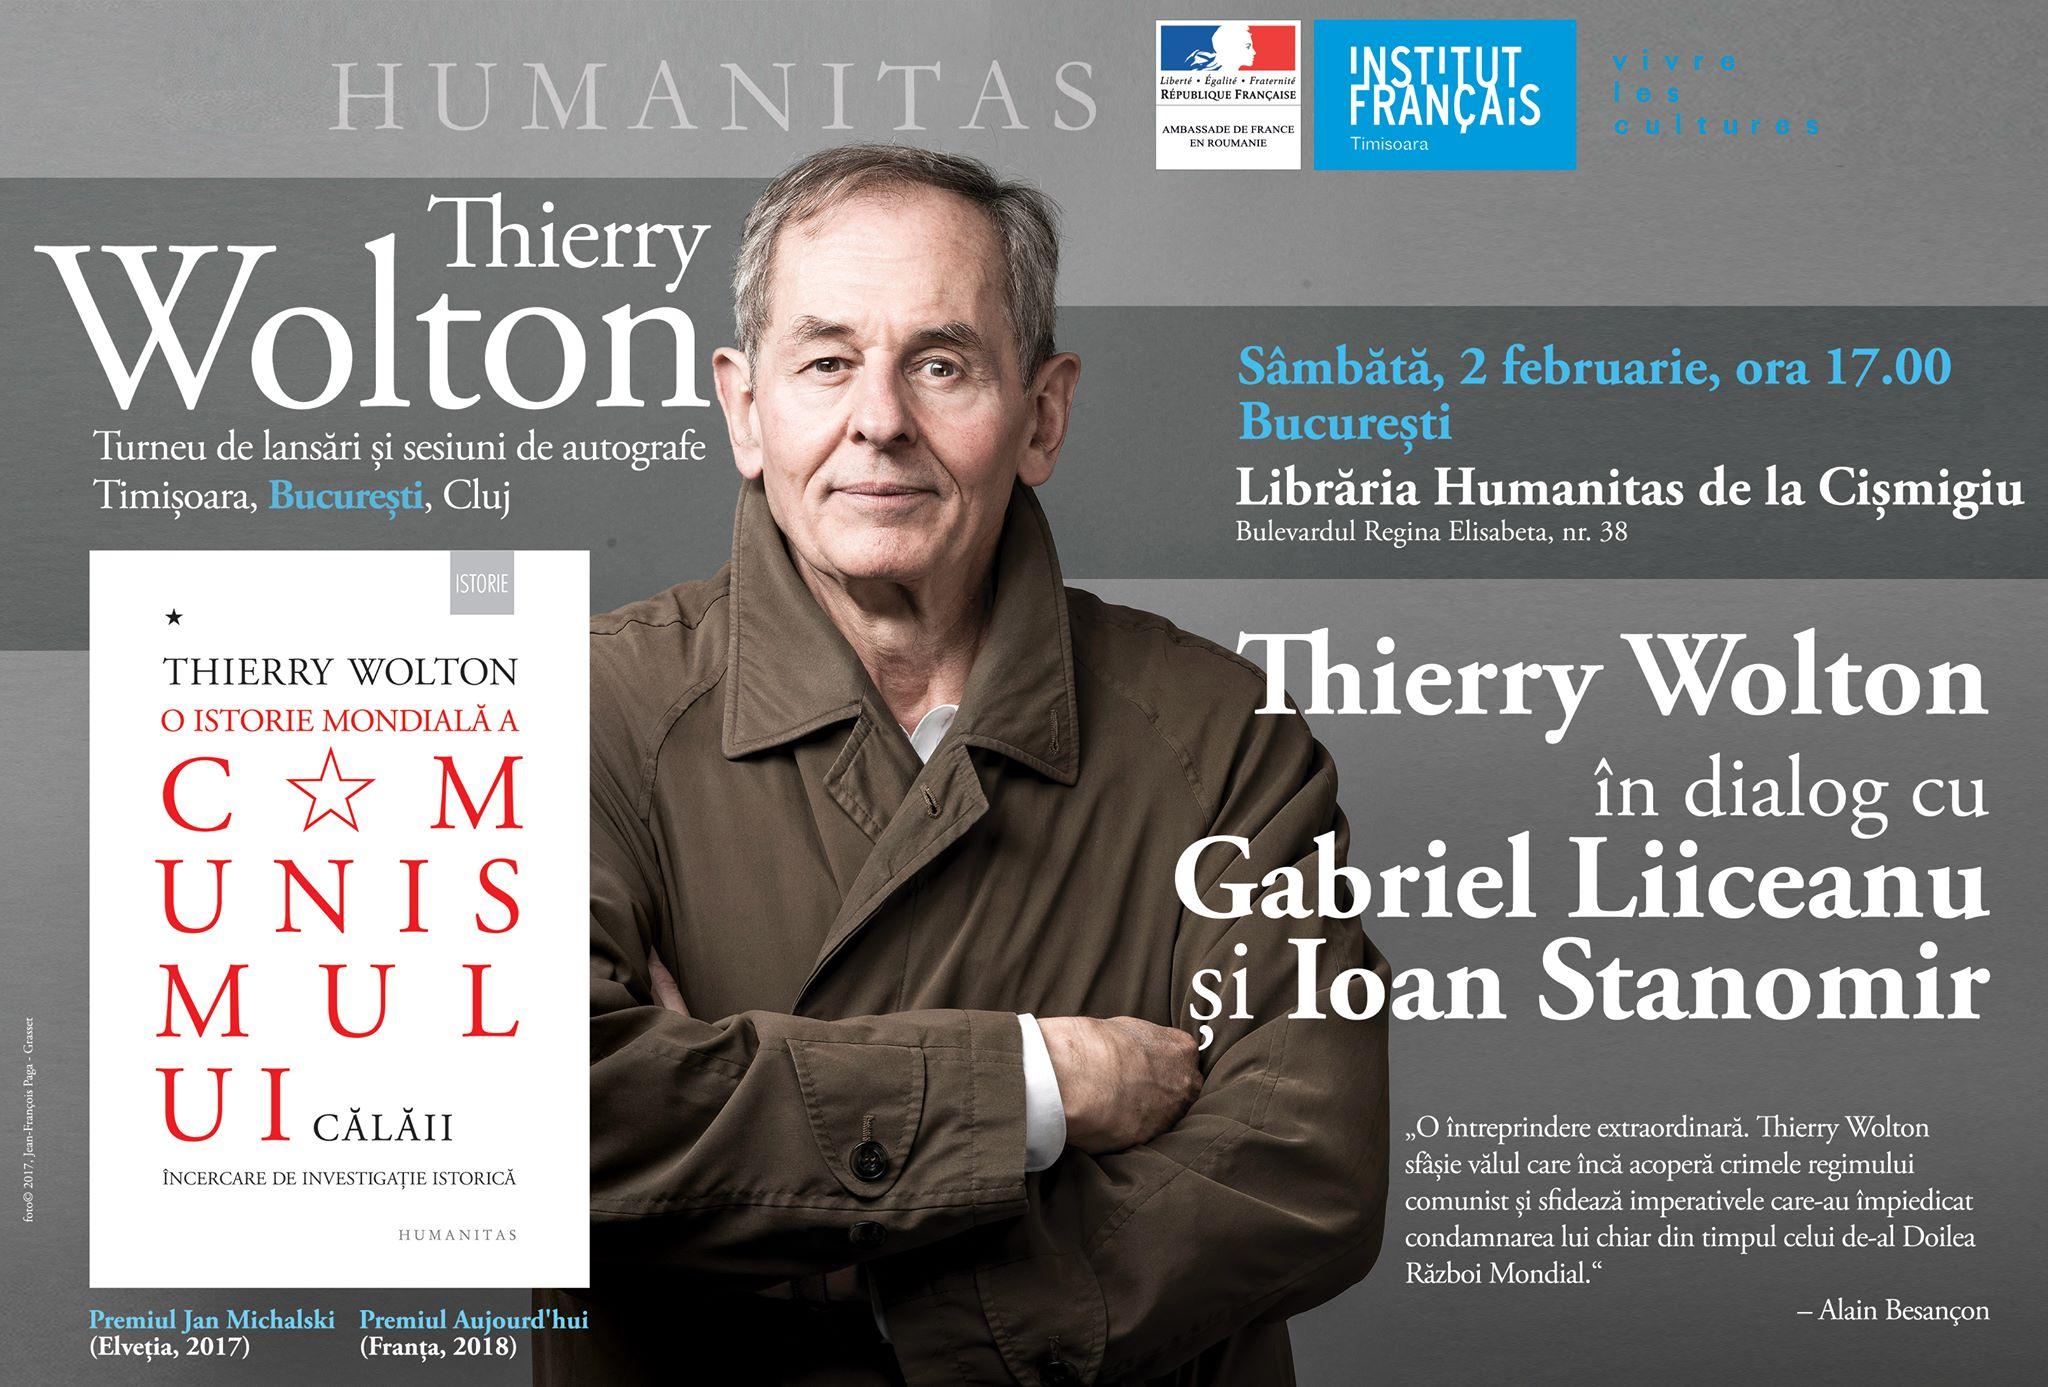 Thierry Wolton în dialog cu Gabriel Liiceanu și Ioan Stanomir